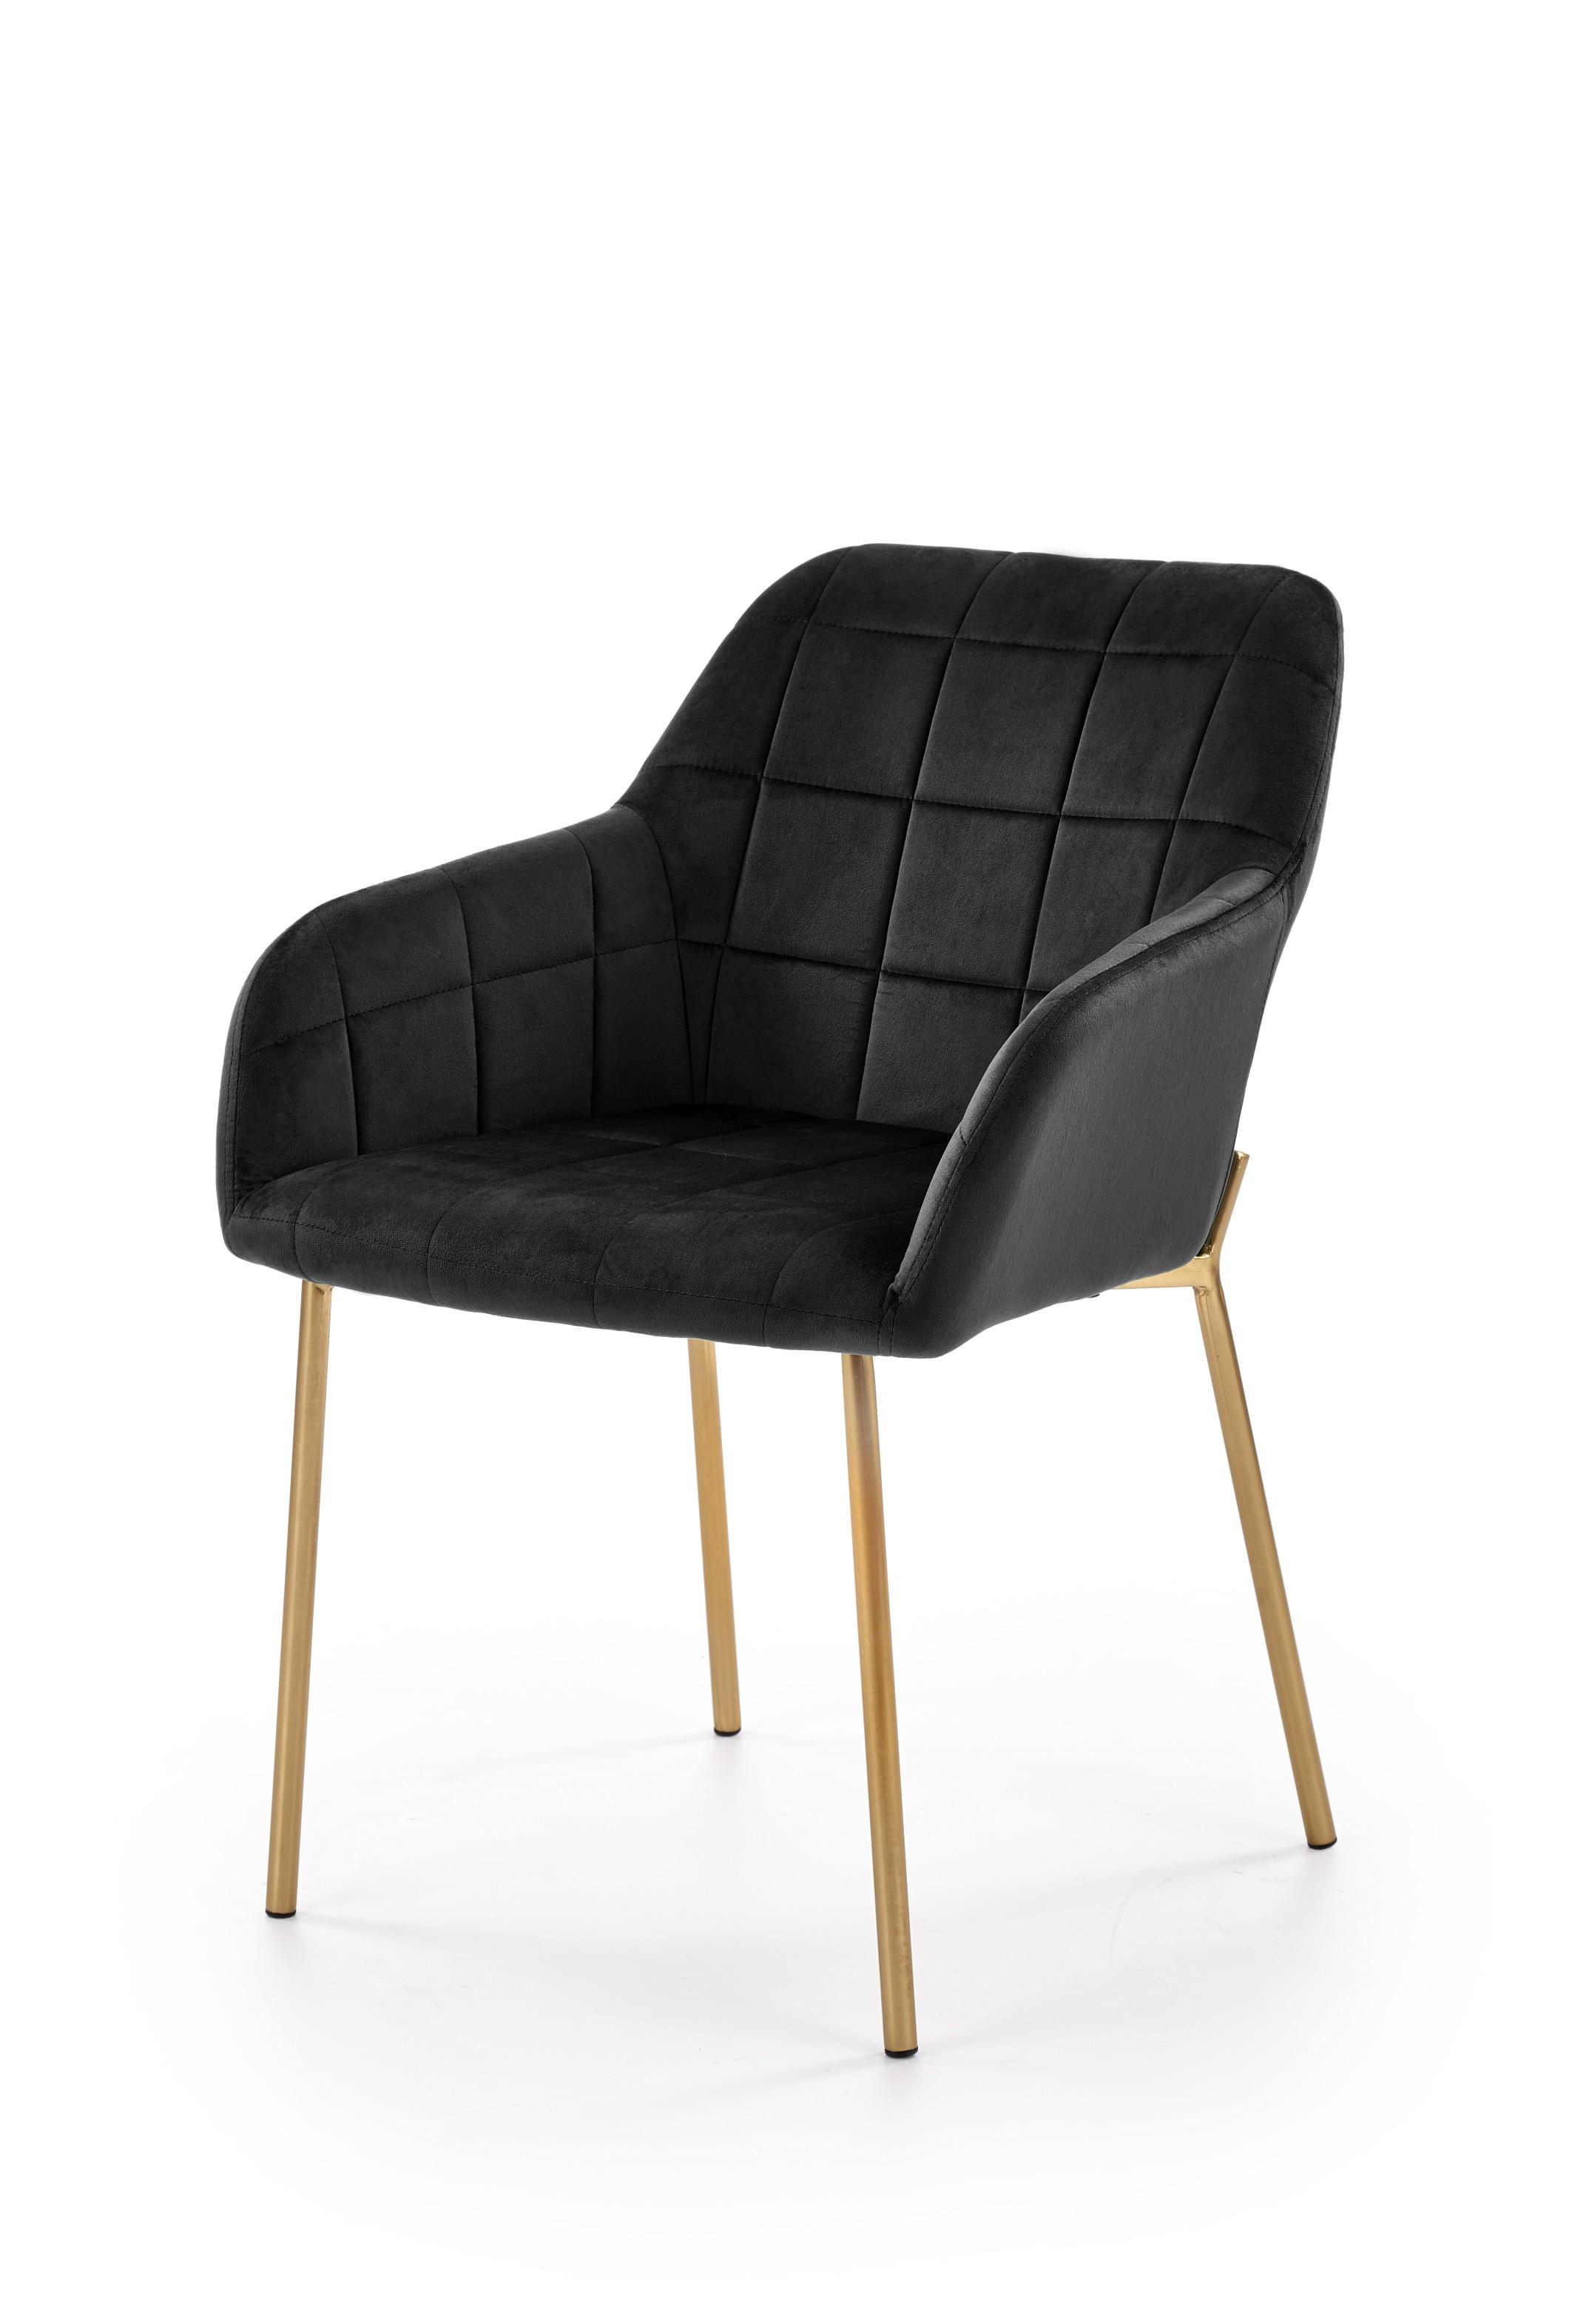 K306 krzesło złoty / czarny (1p=2szt)